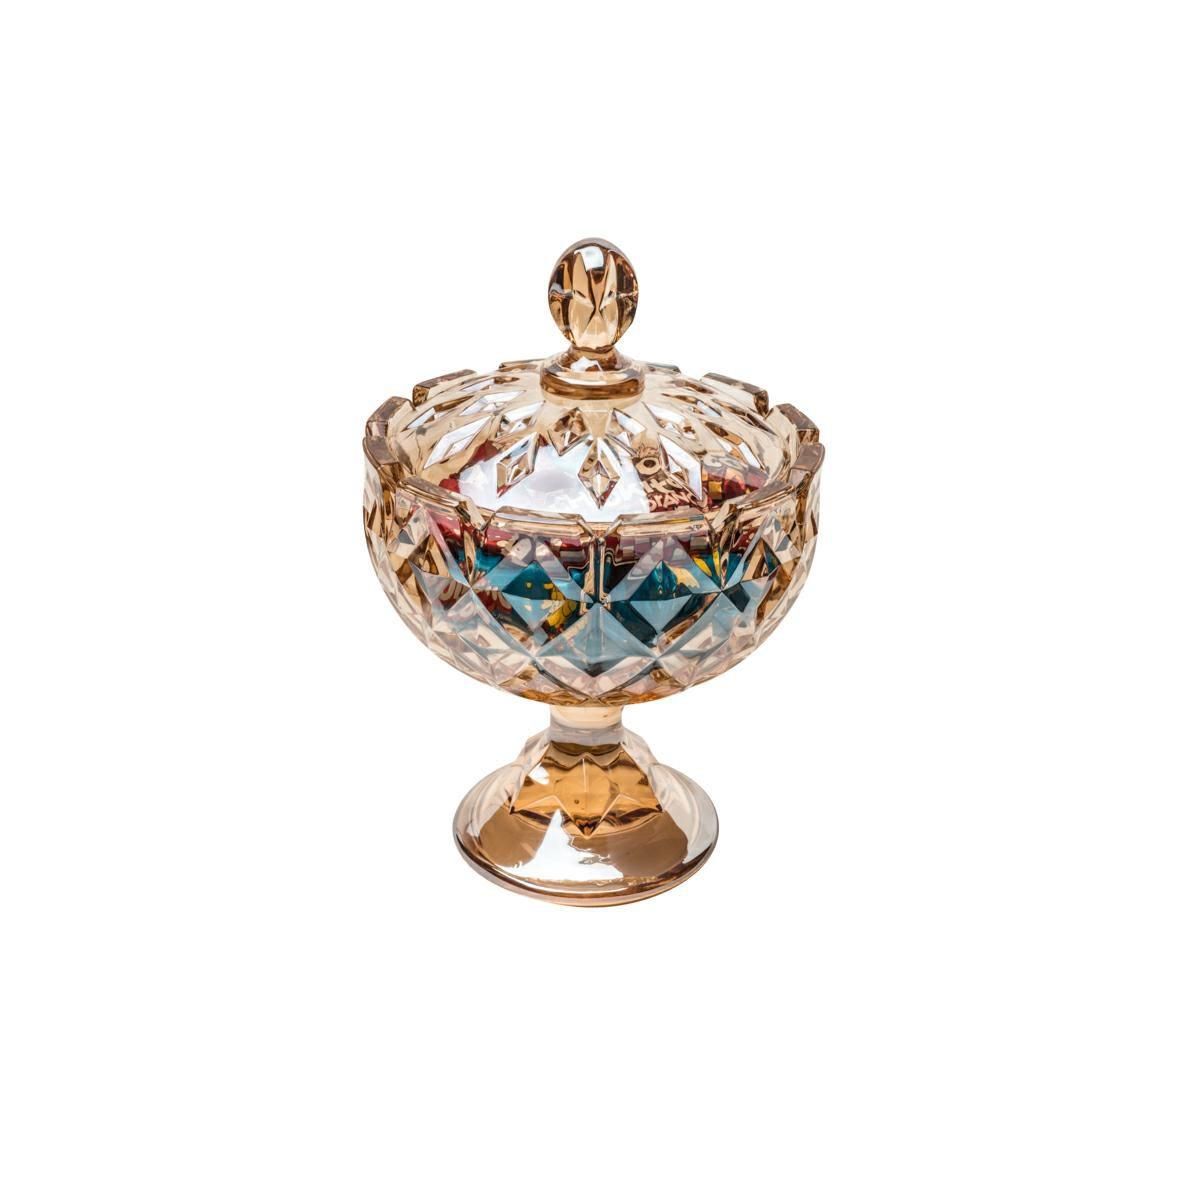 Bomboniere 24 cm de cristal âmbar com pé e tampa Crown Wolff - 26392